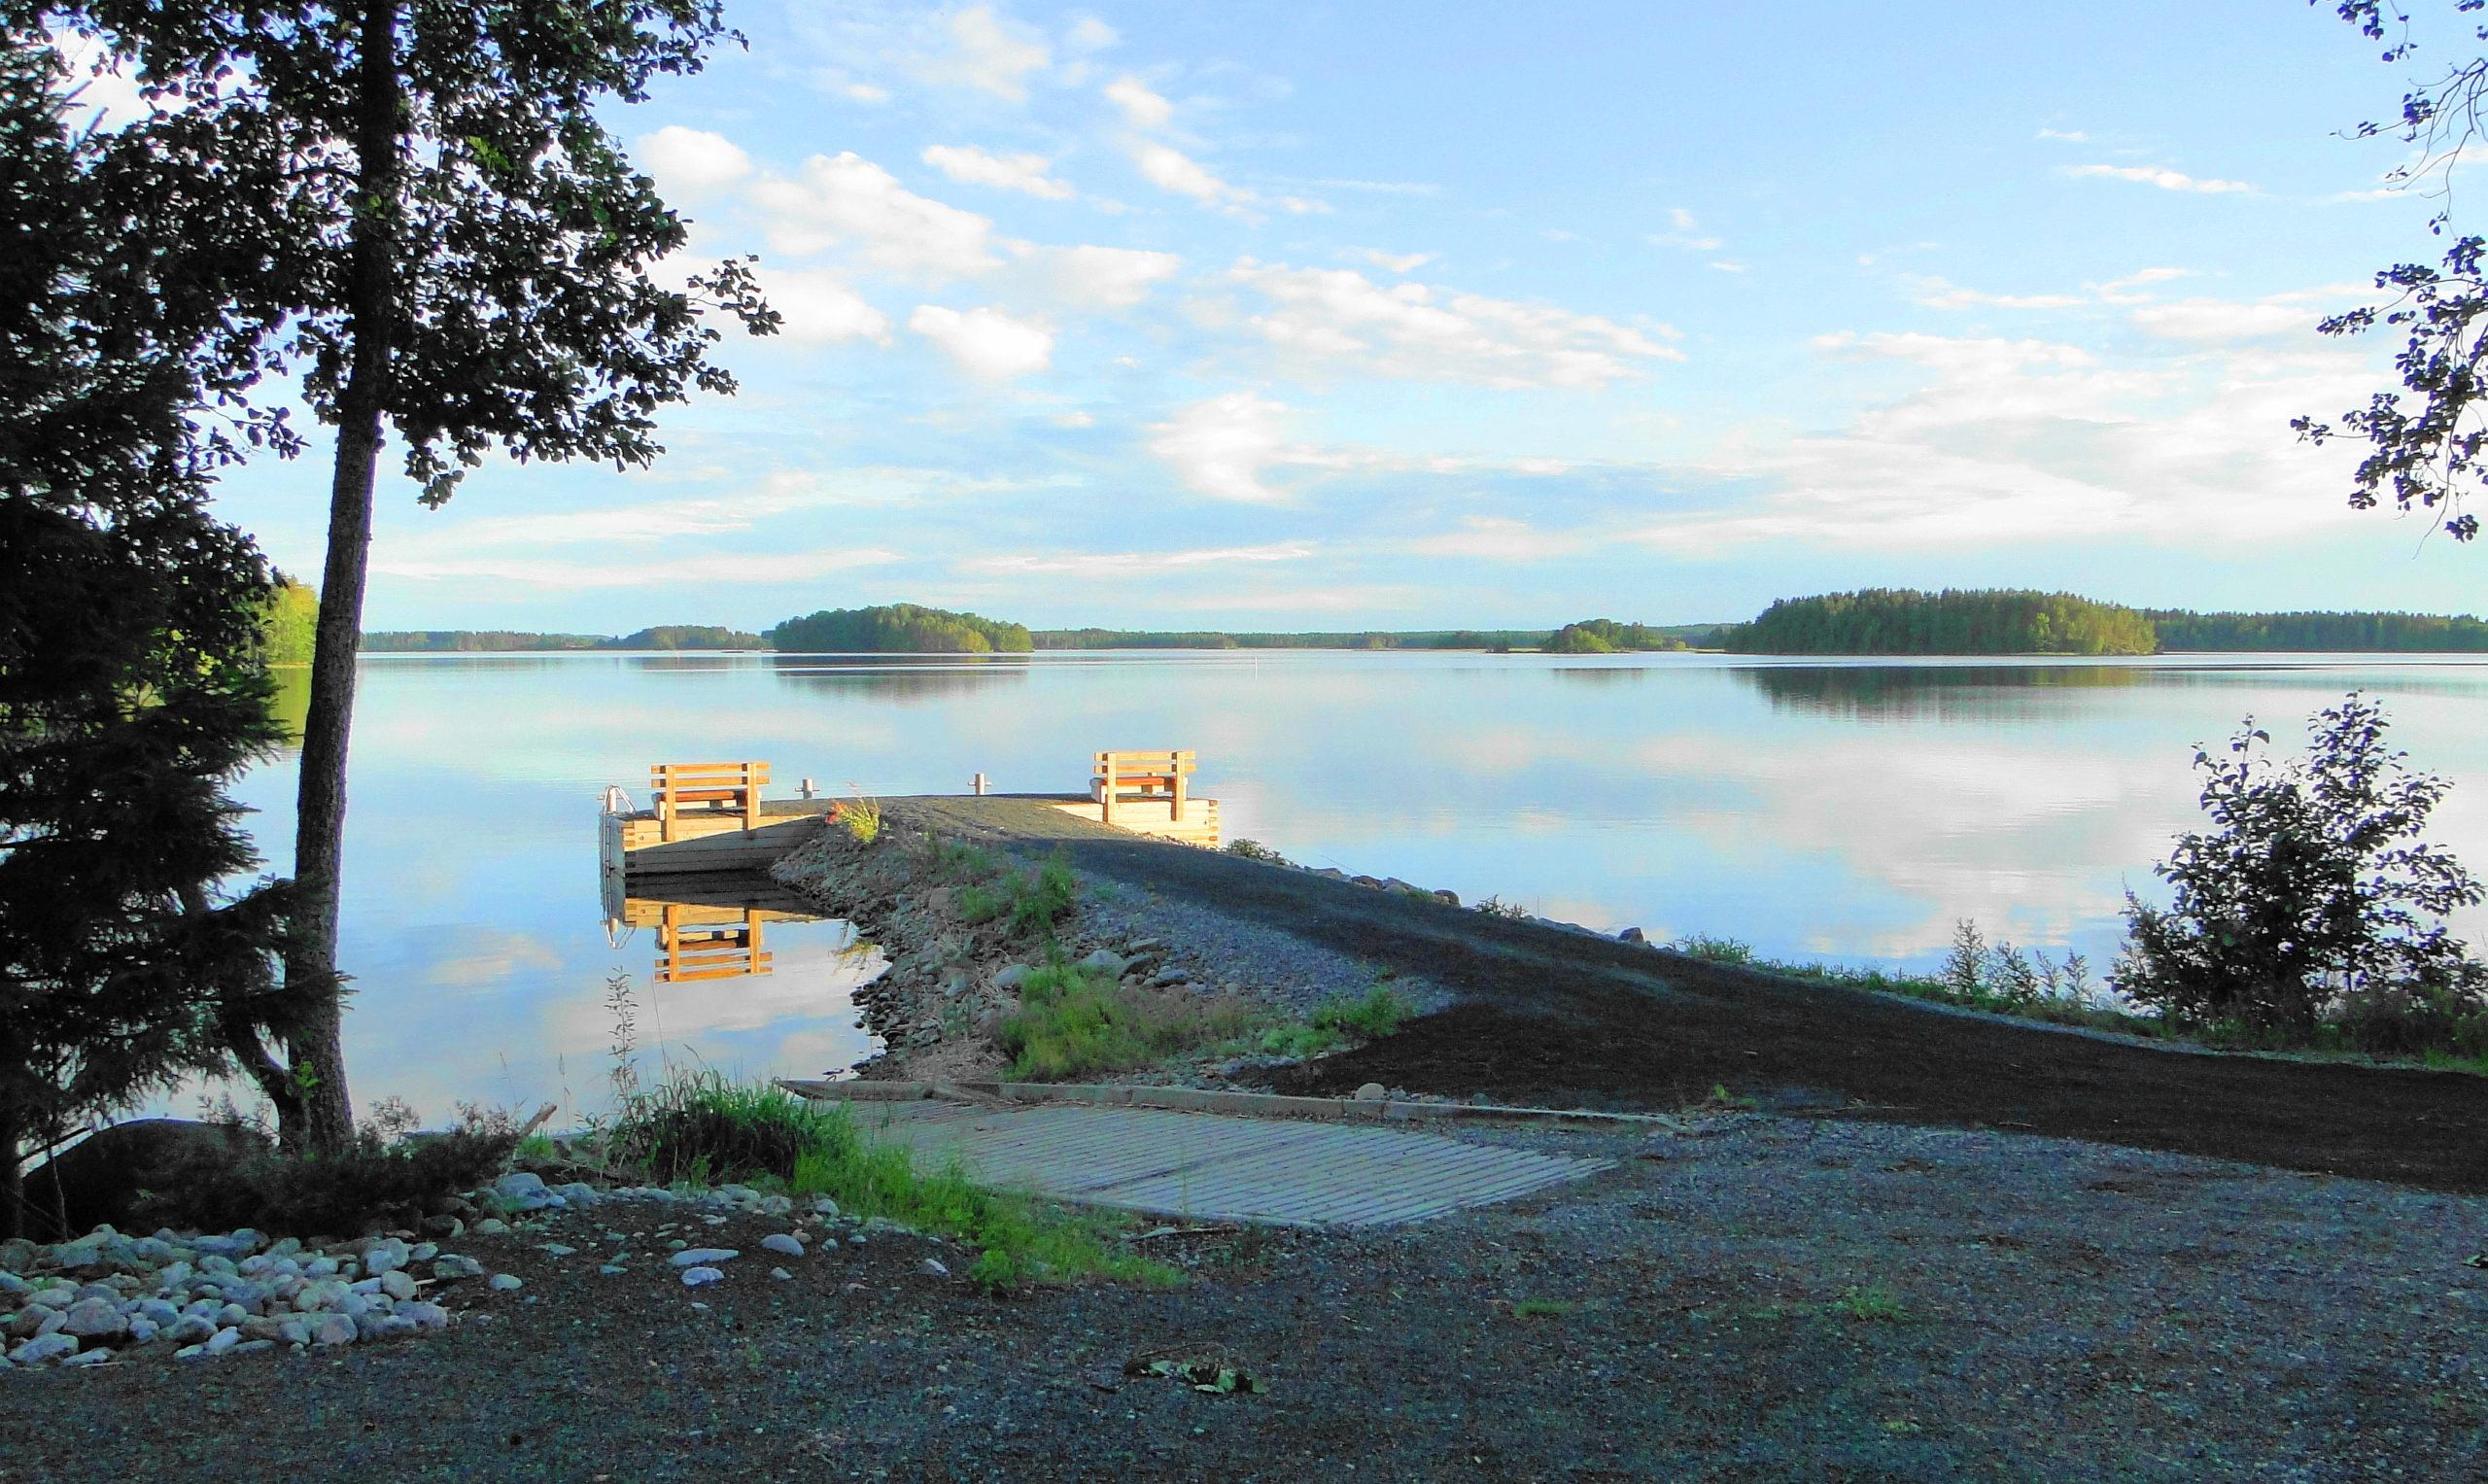 Murtolahden HIekkaniemeen venelaiturille ilmaantui penkit.